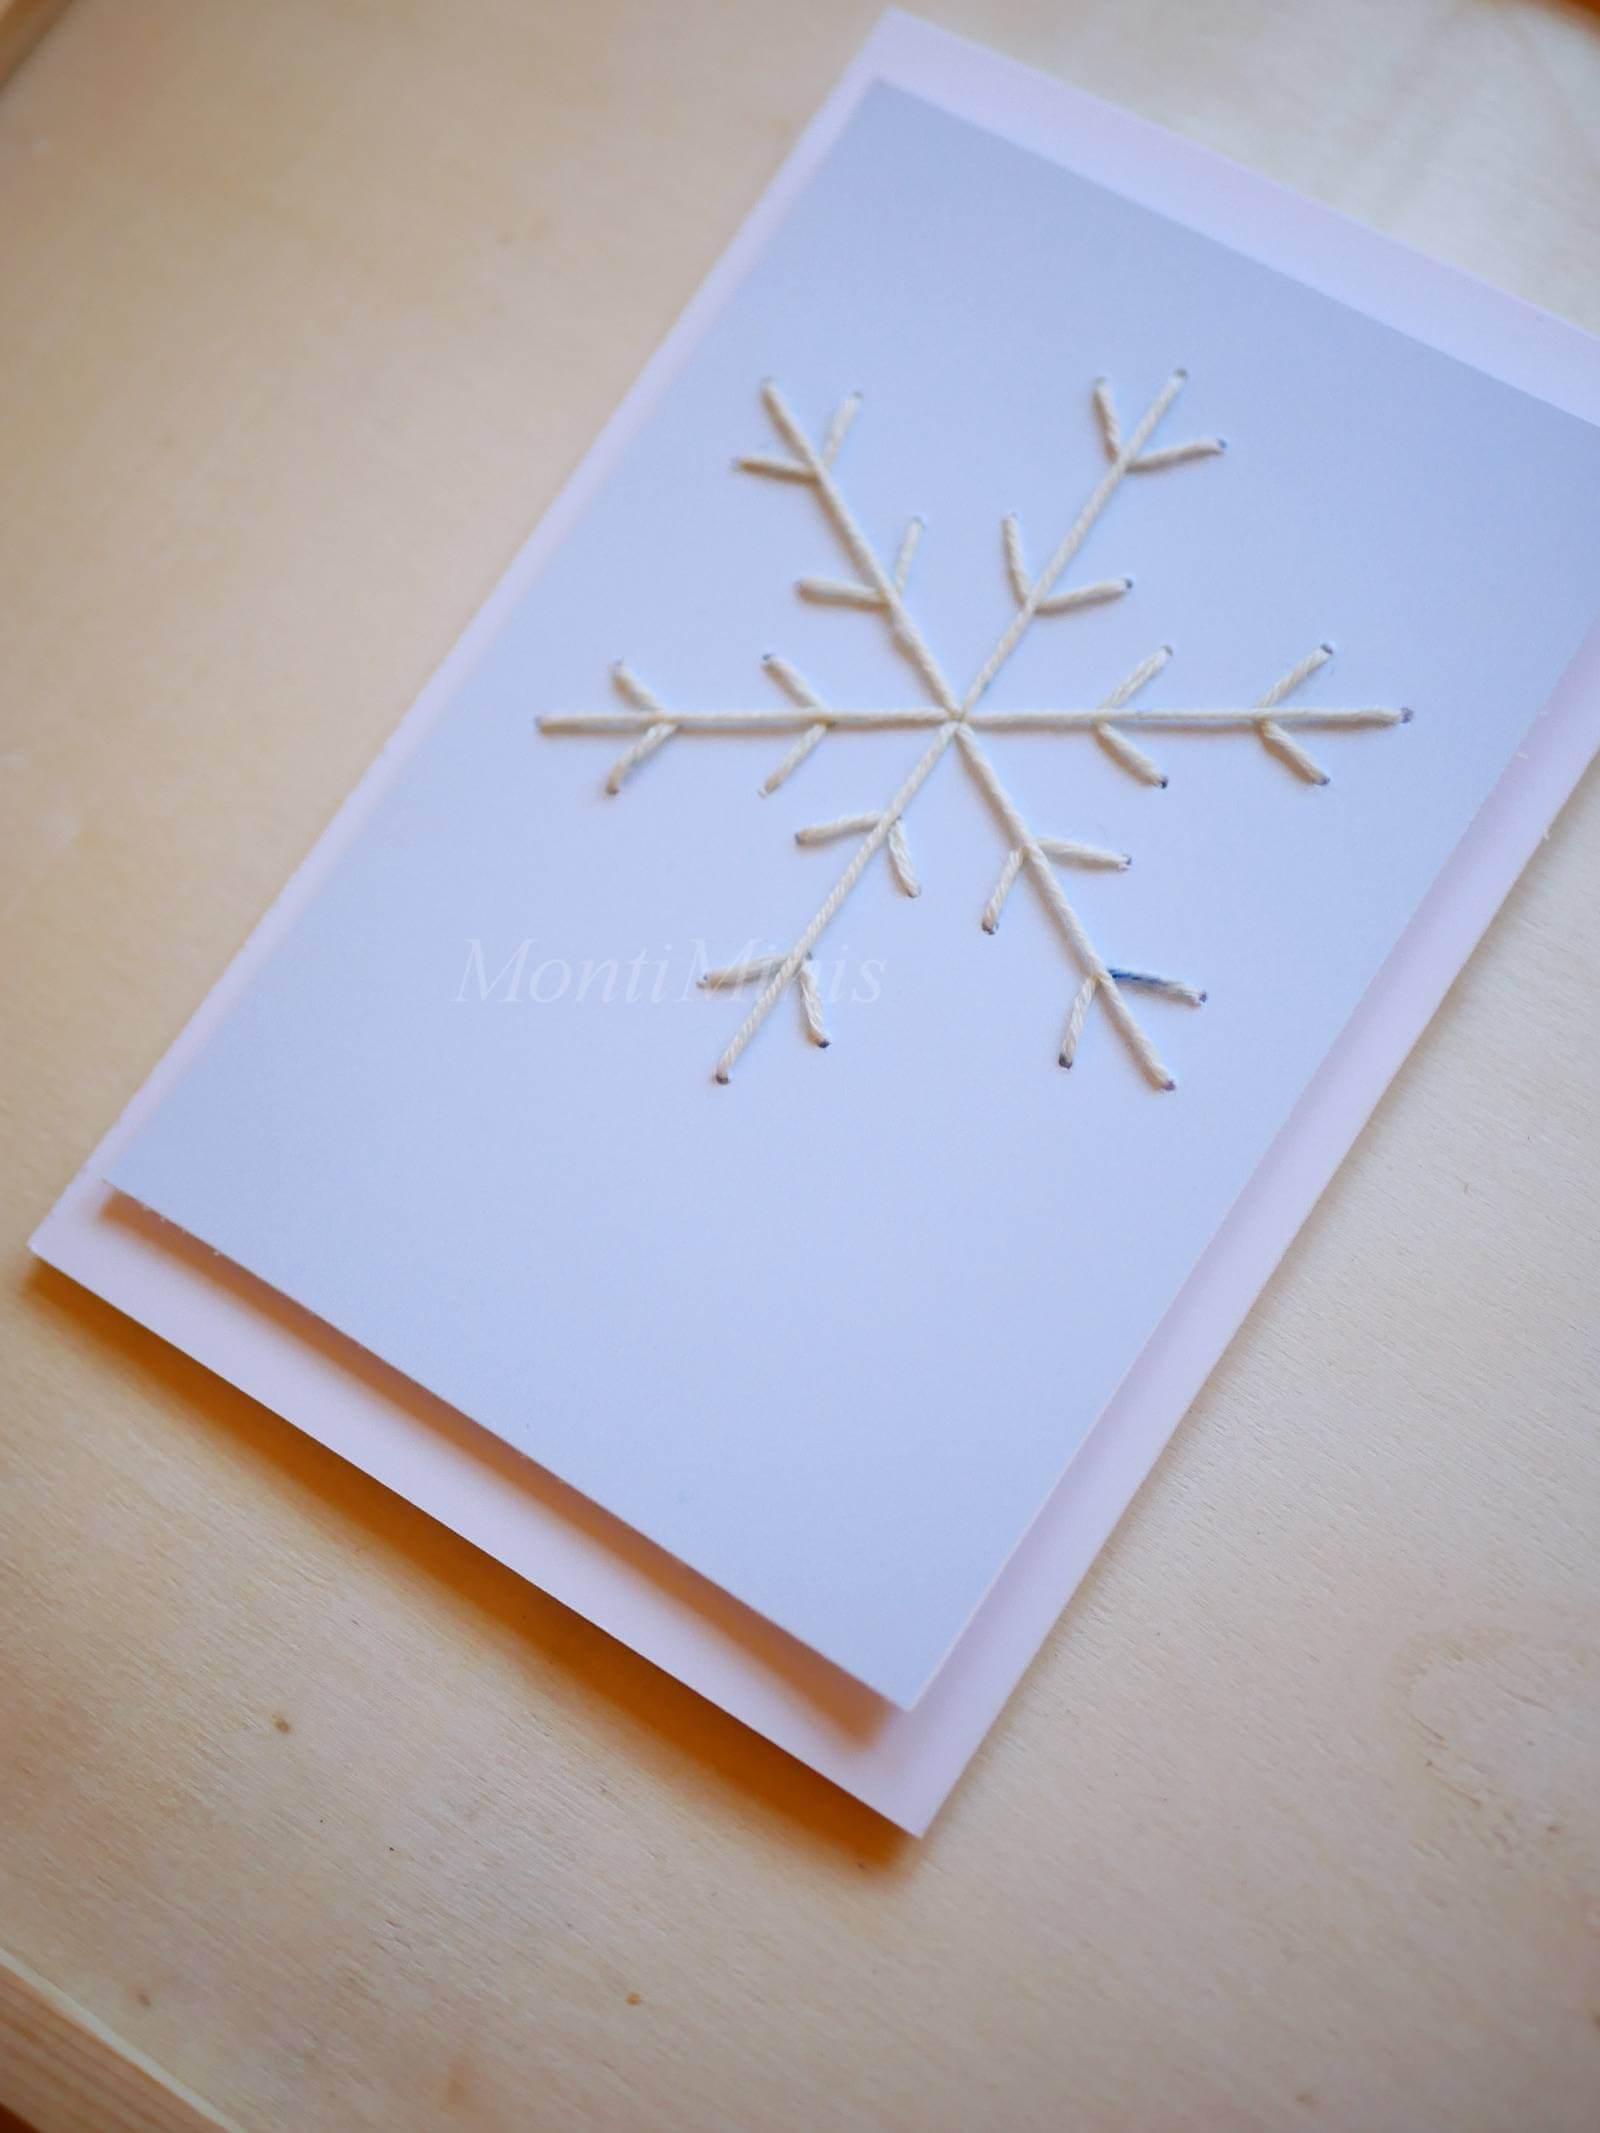 Weihnachtskarten sticken, Eiskristalle Stickvorlage, Sticken mit Kindern, Prickeln, Eiskristalle, Übung des täglichen Lebens Montessori, Montessori Zuhause | MontiMinis.com